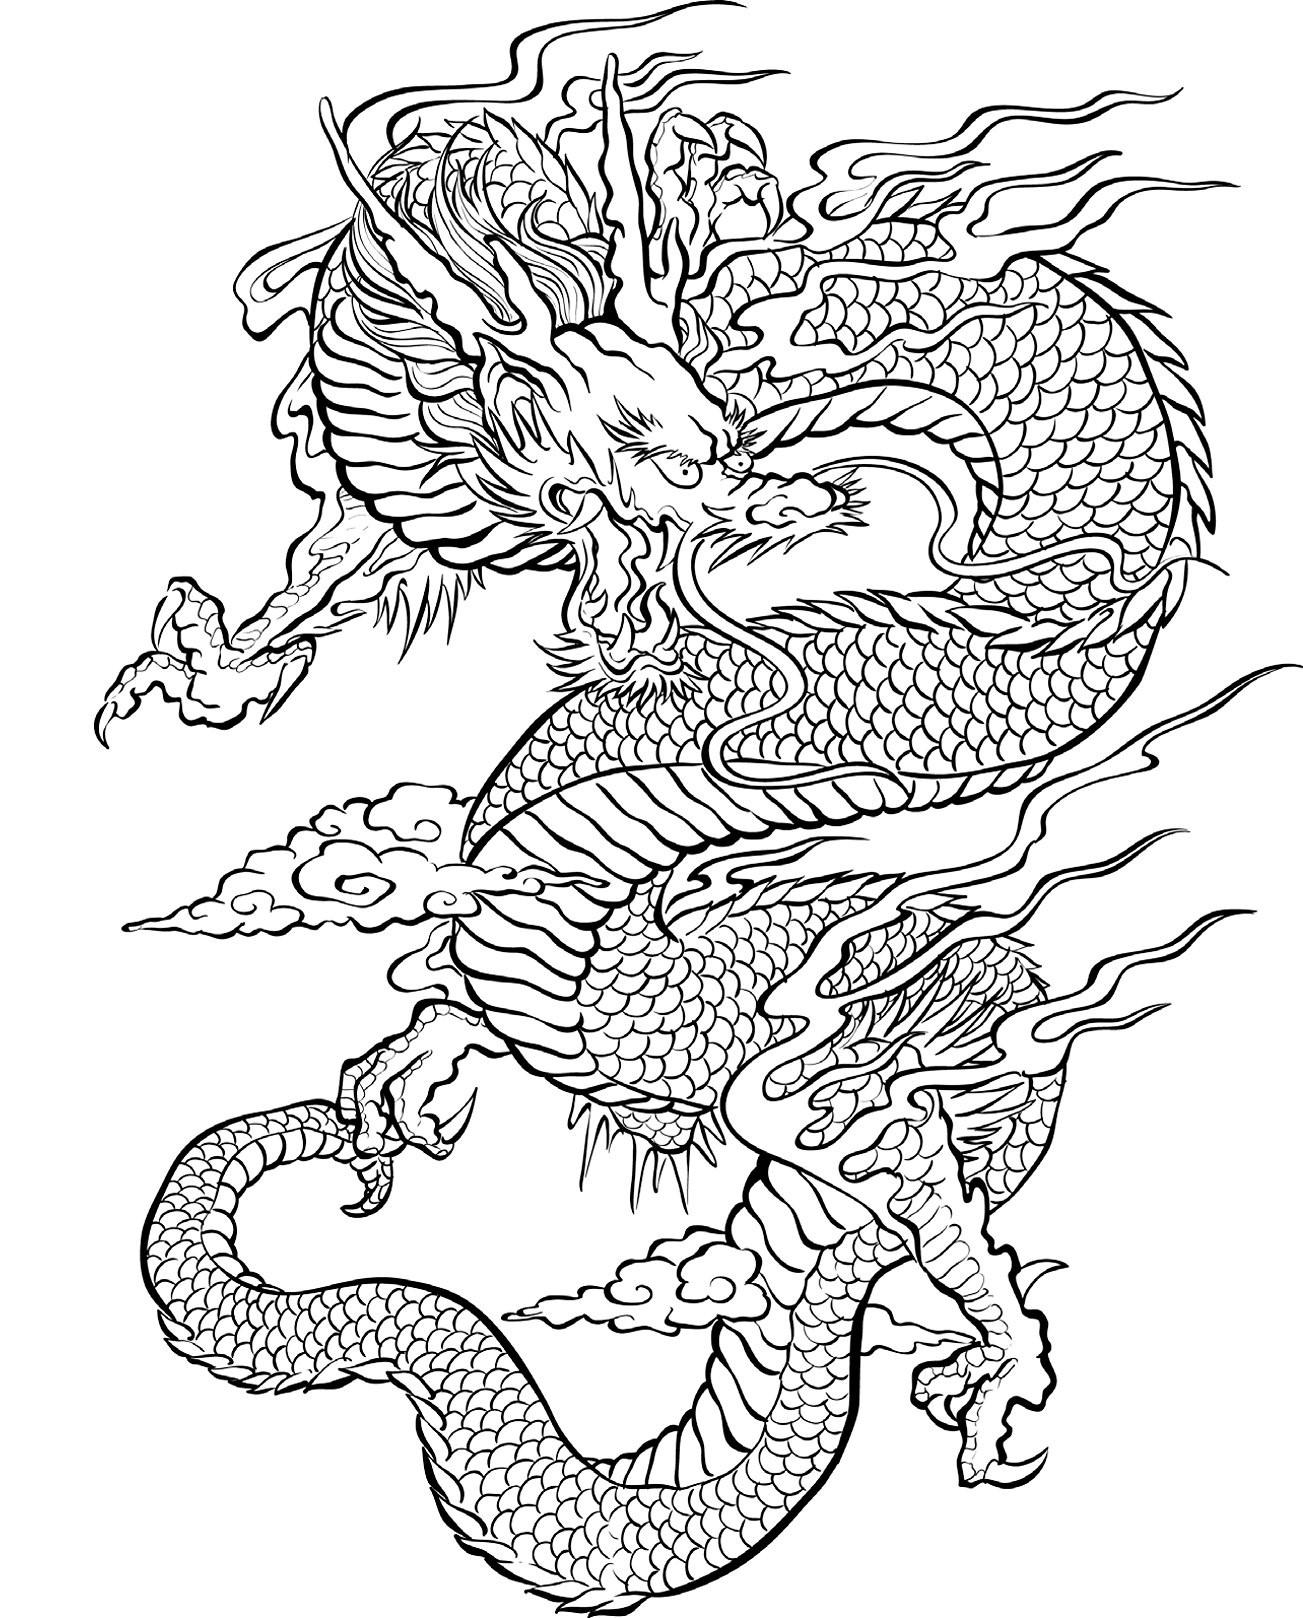 китайский дракон драконы раскраски антистресс